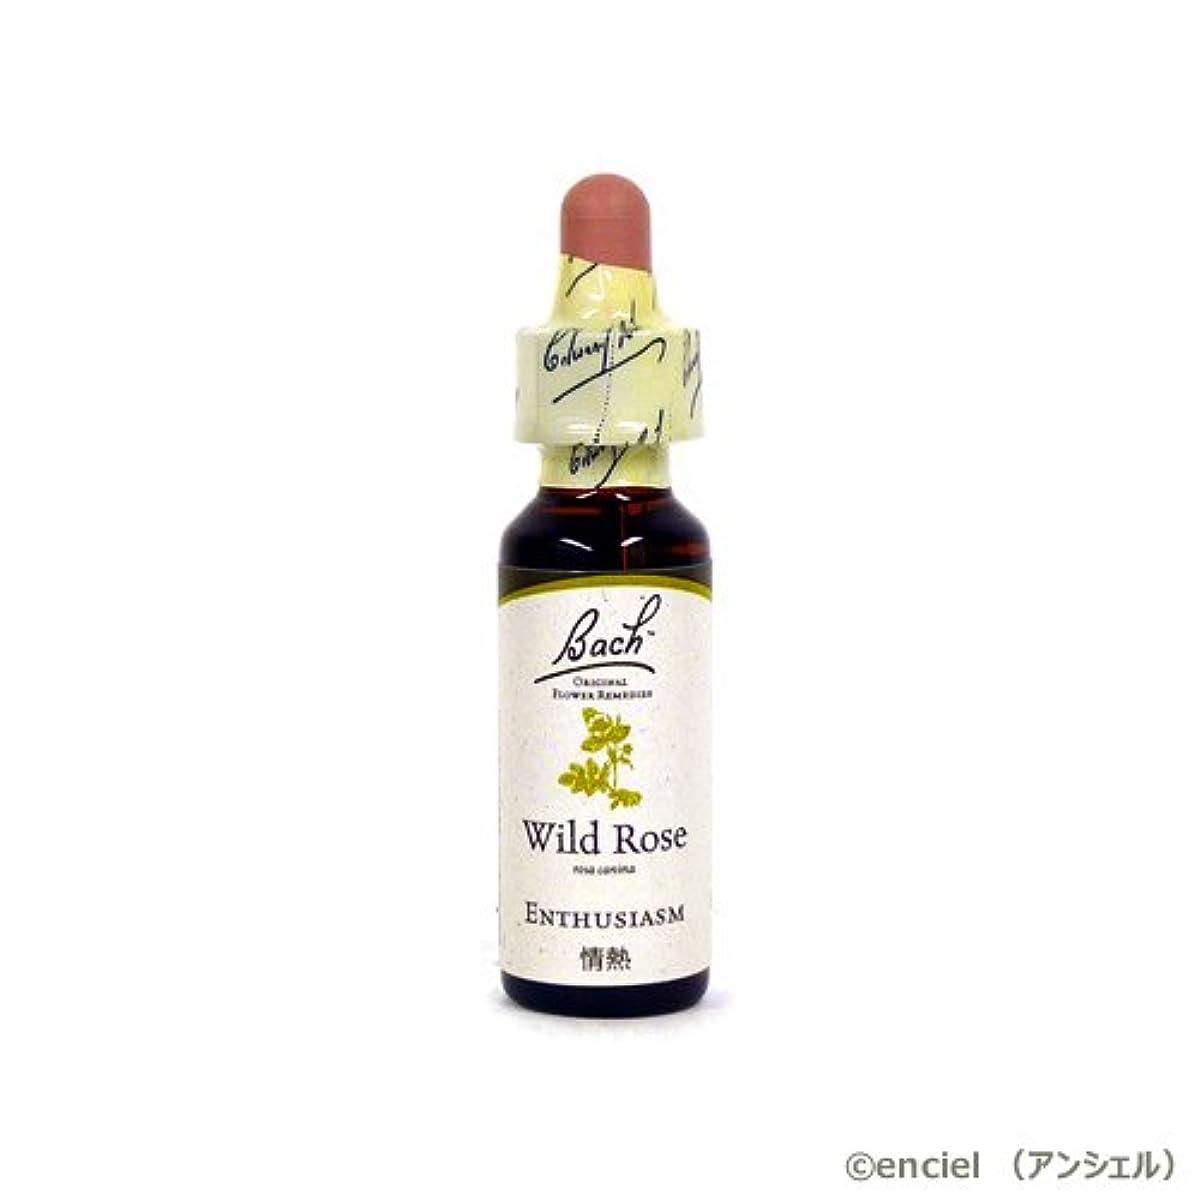 喉頭ジャンプする稚魚バッチフラワー レメディ ワイルドローズ 10ml グリセリンタイプ 日本国内正規品